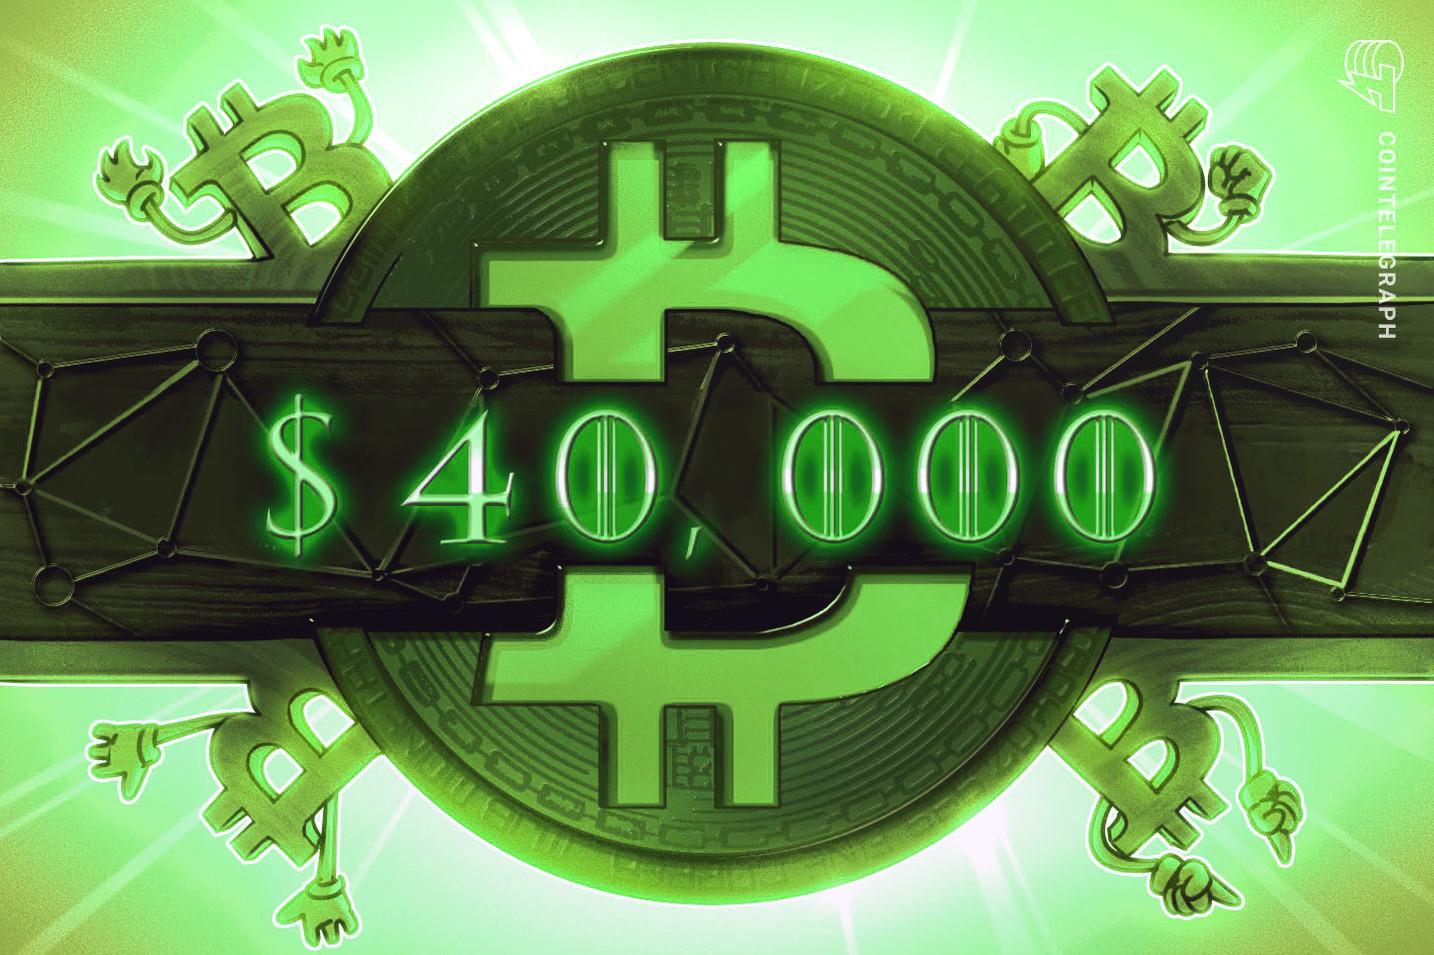 ビットコインは40週間の不在後に6万ドルに達しますが、チェーン上の活動は「やや弱気」です